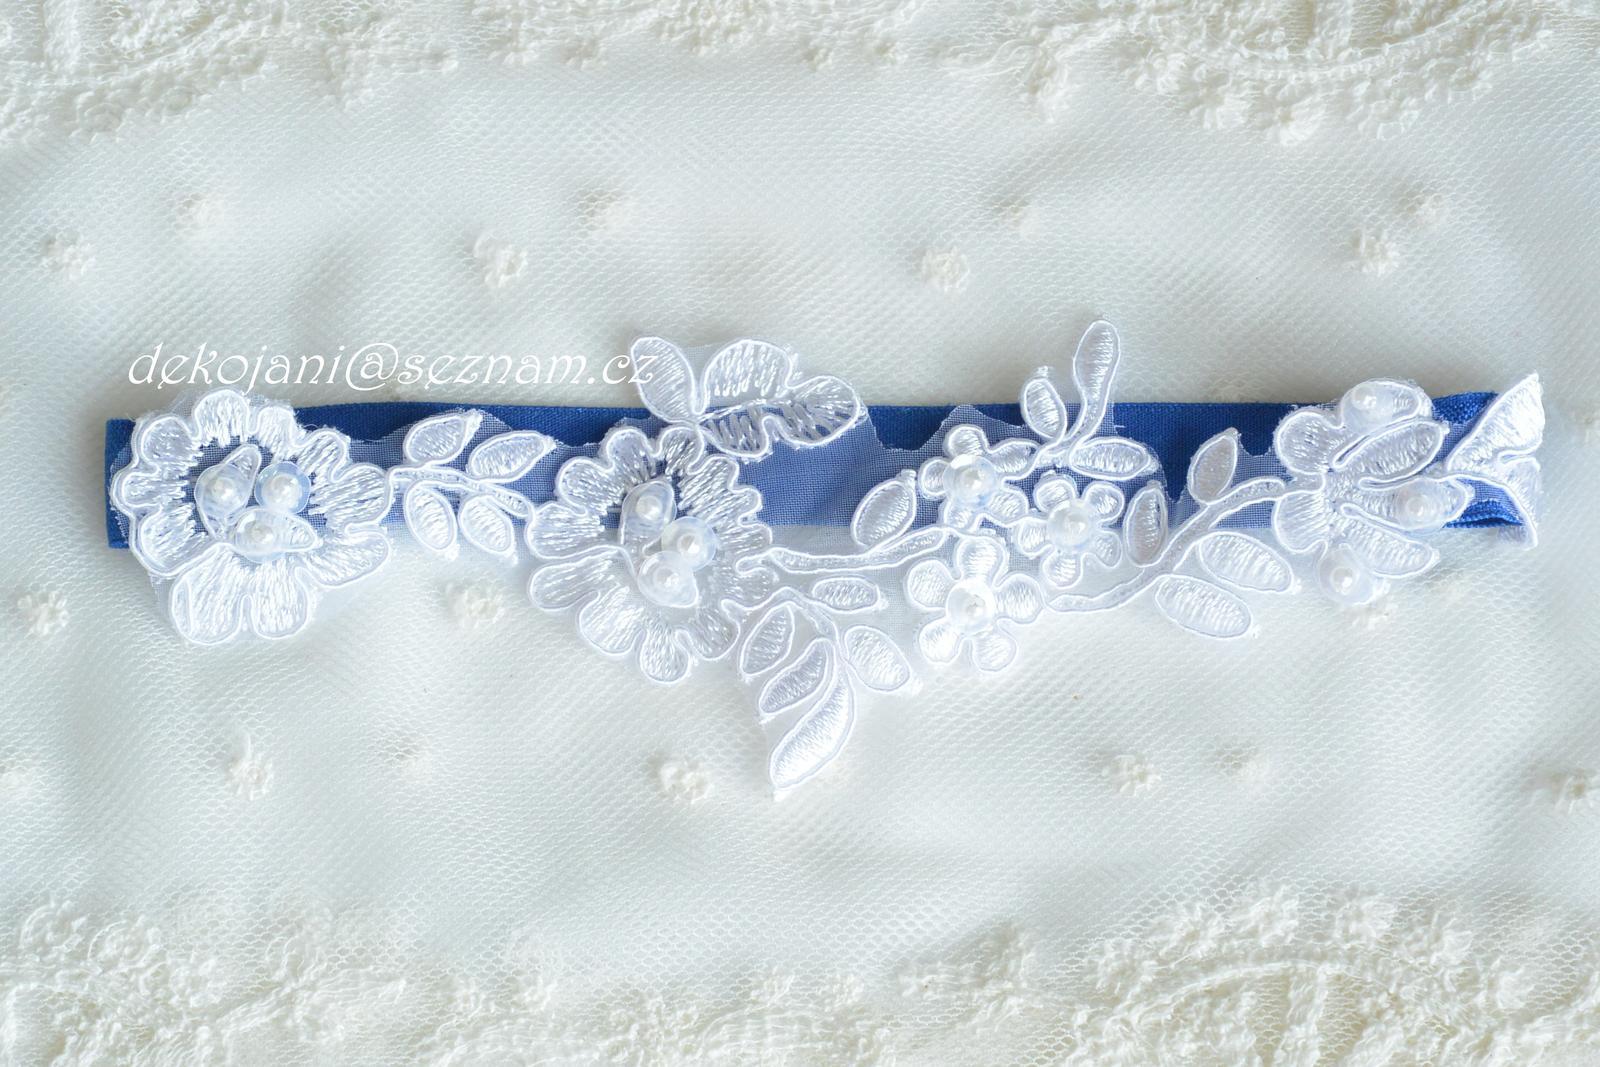 Luxusní svatební doplňky a dekorace. - Obrázek č. 70